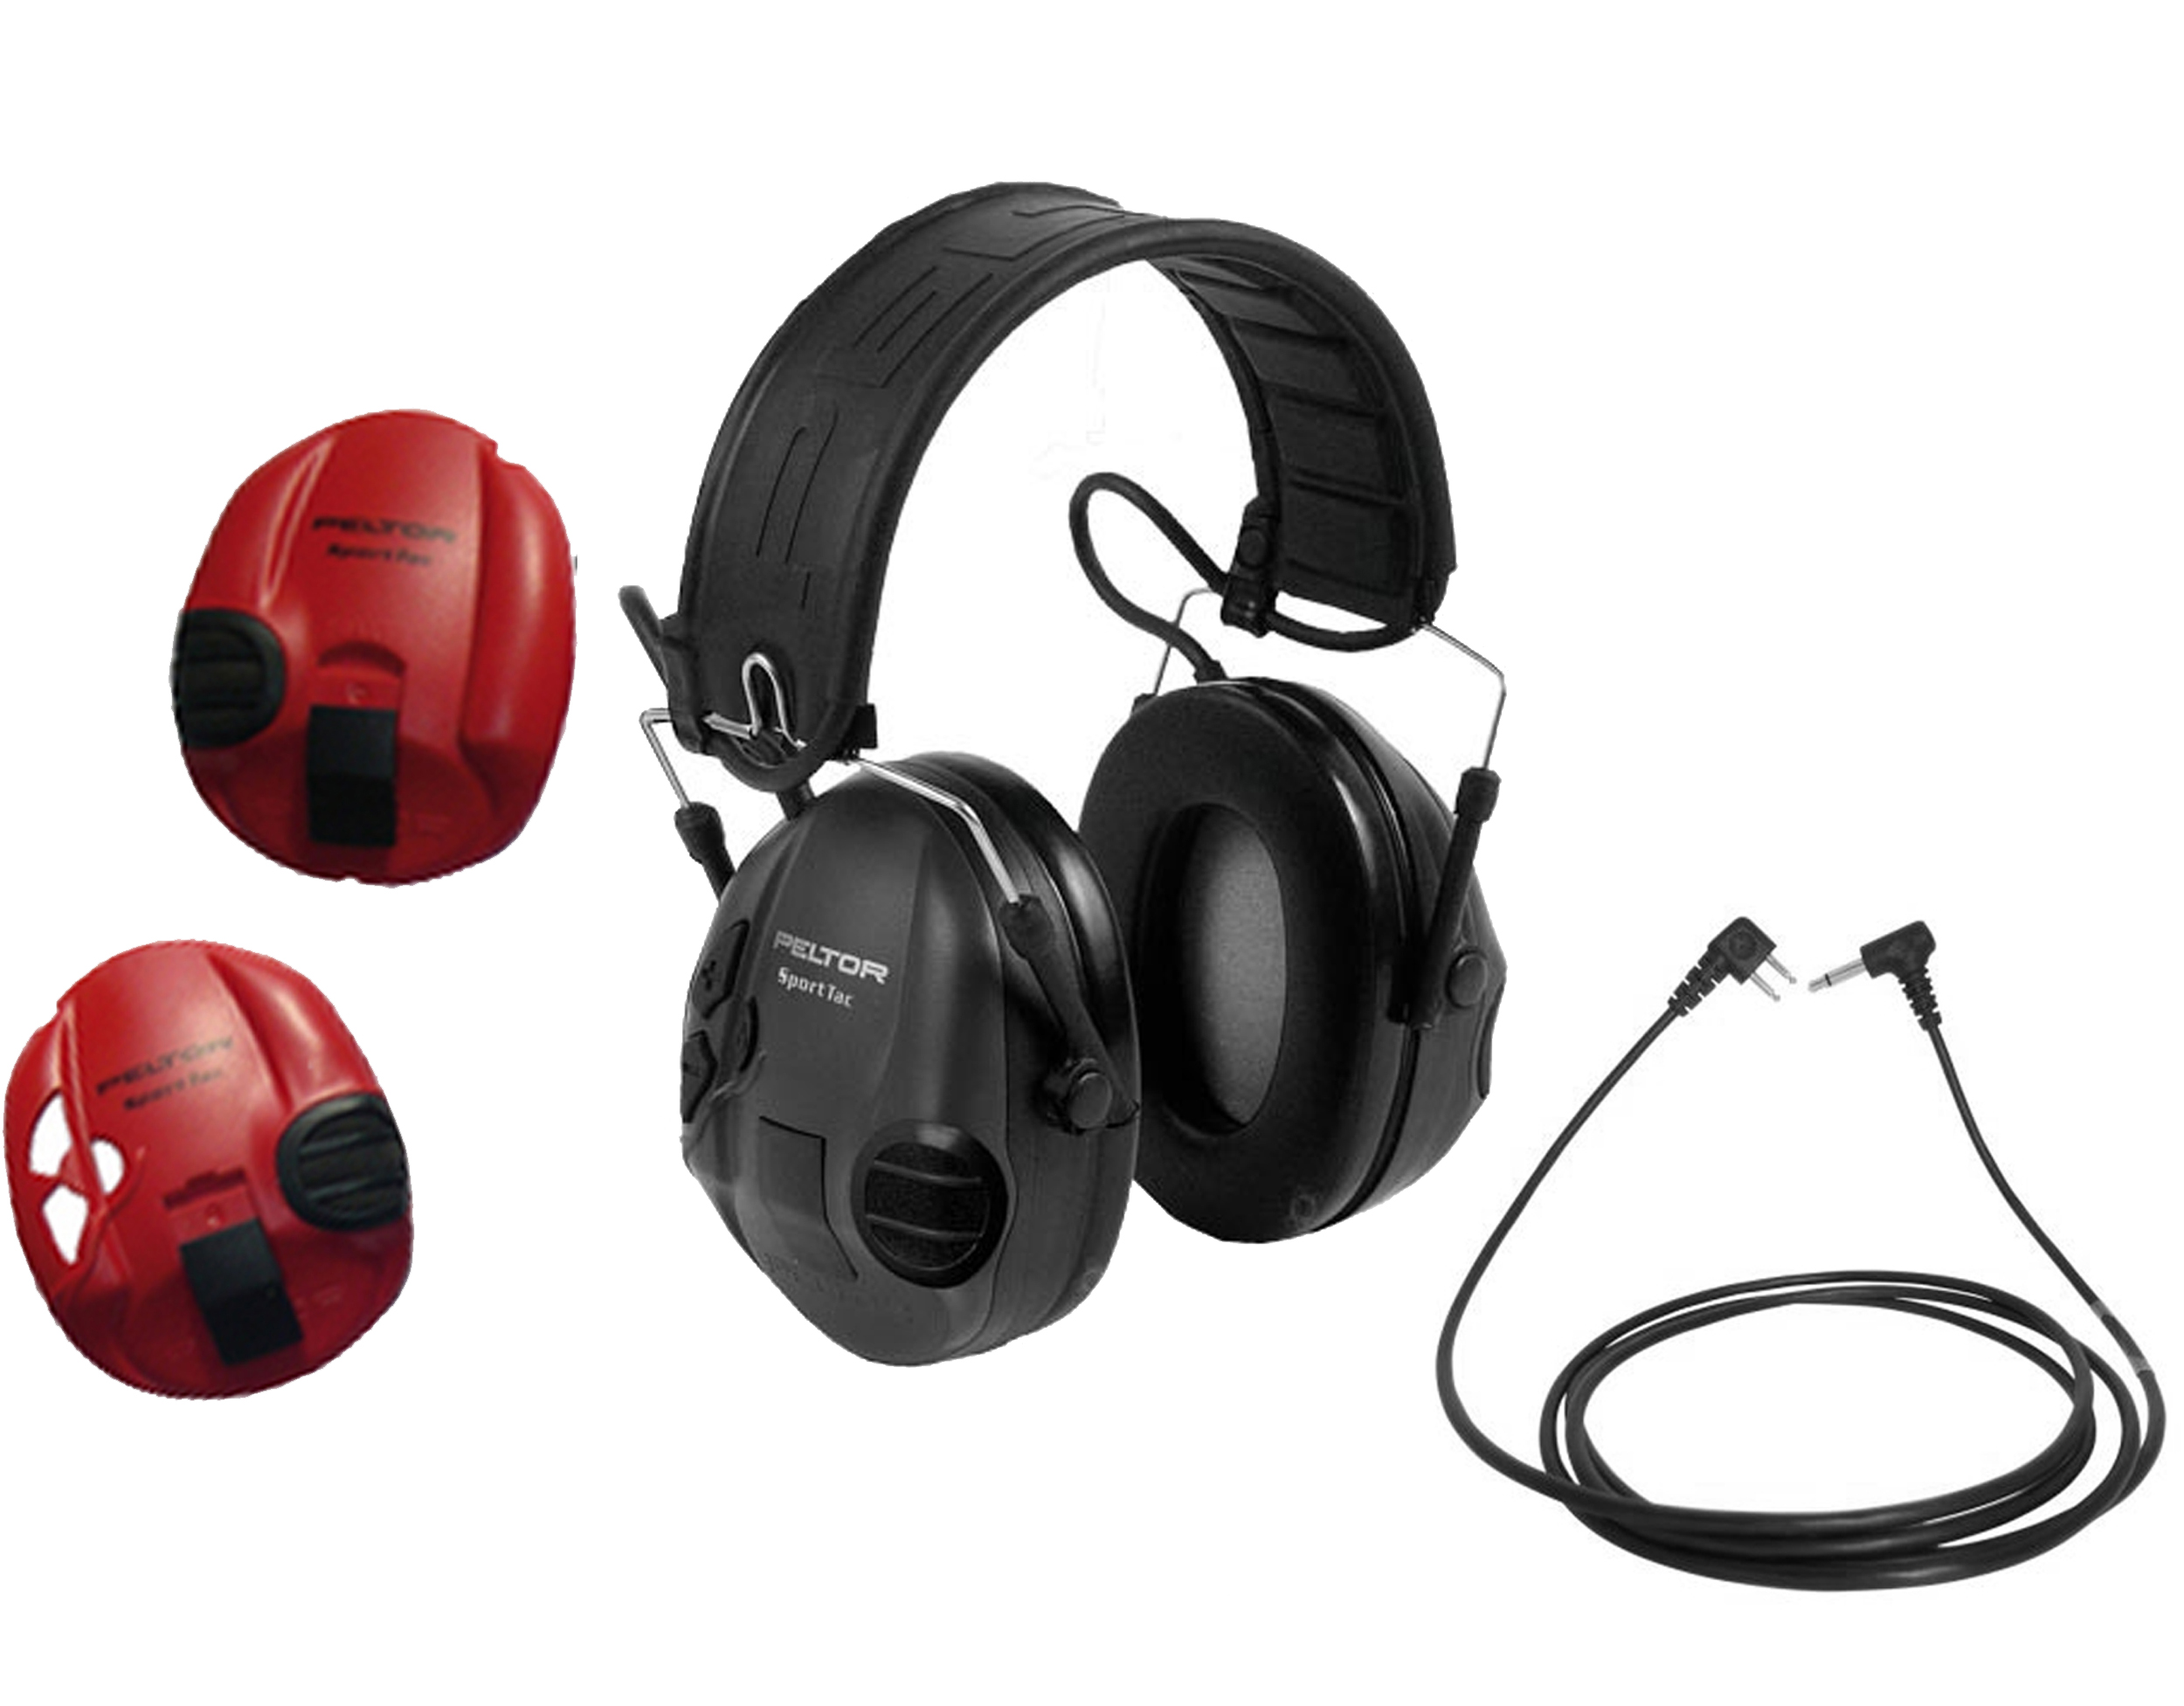 Chrániče sluchu PELTOR SportTAC FL6H KÁBEL, čierny